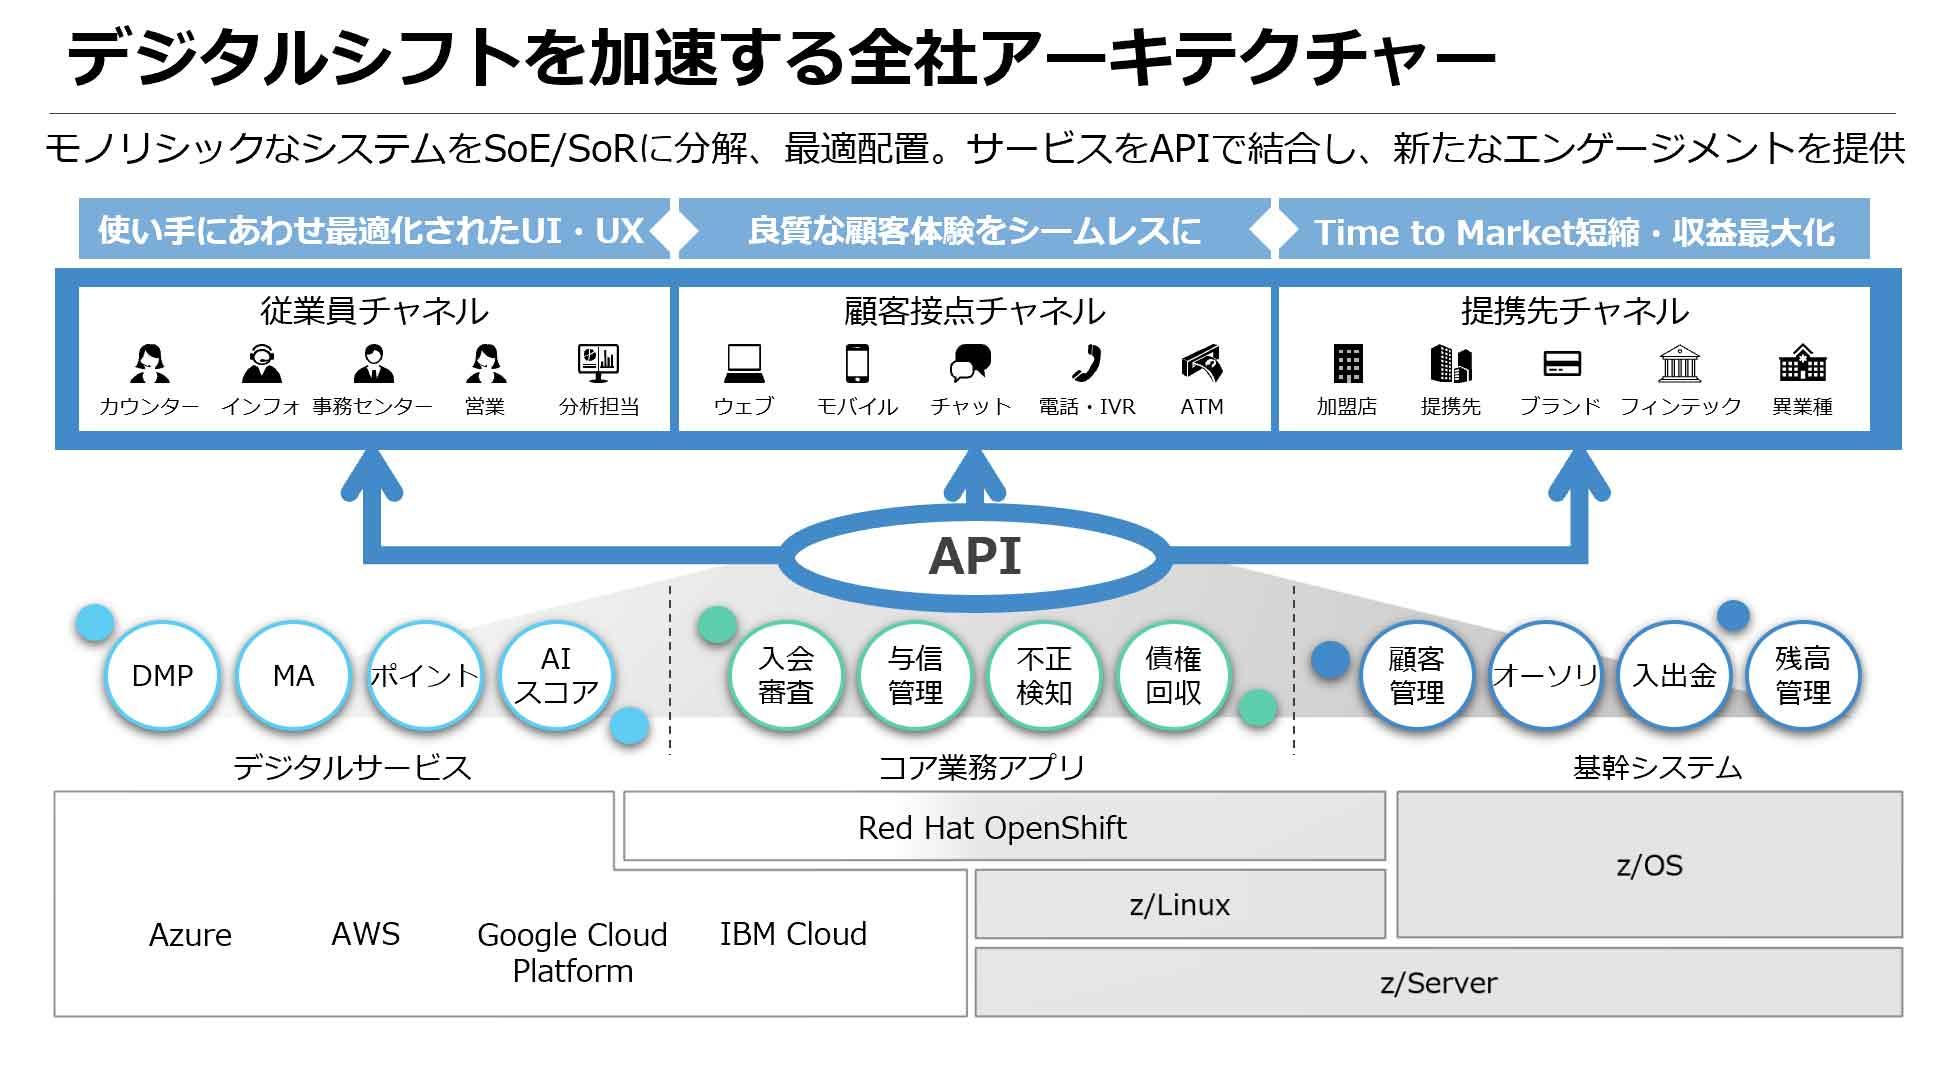 デジタルシフトを加速する全社アーキテクチャー